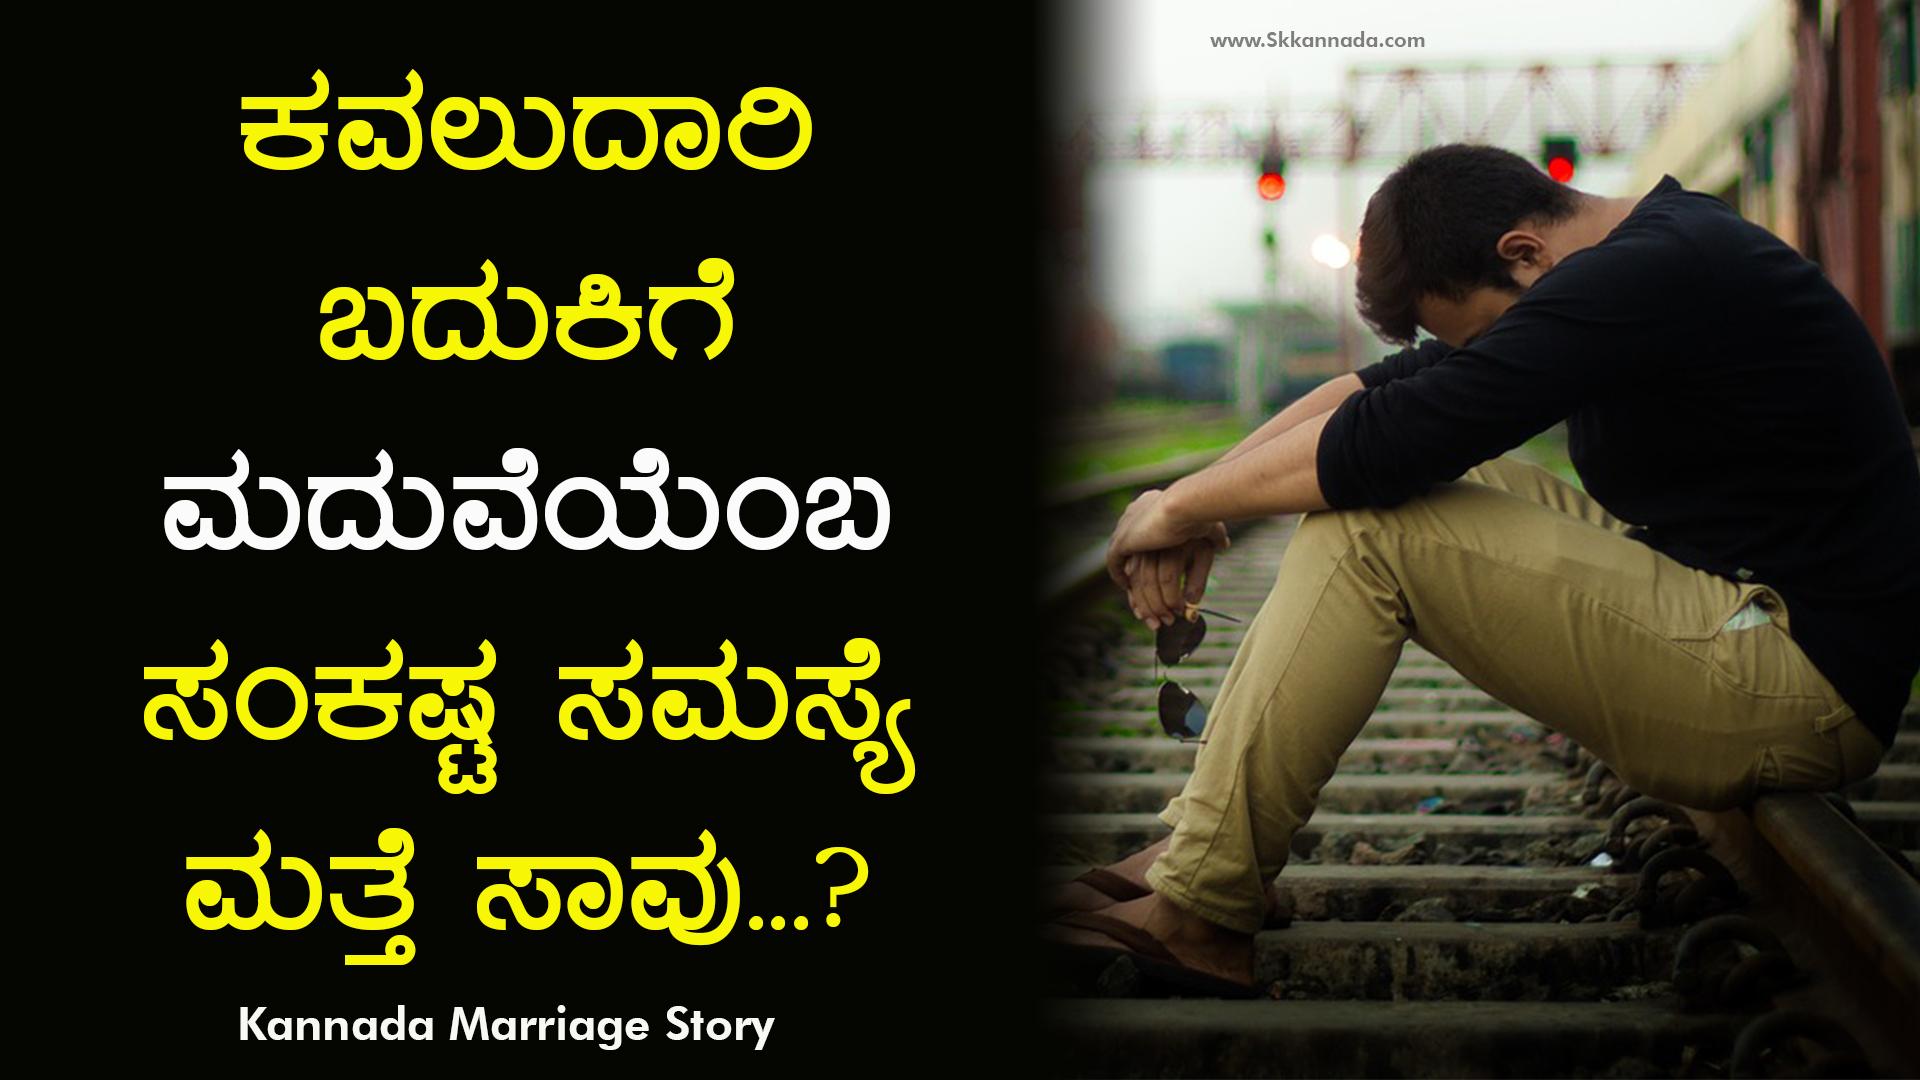 ಕವಲುದಾರಿ ಬದುಕಿಗೆ ಮದುವೆಯೆಂಬ ಸಂಕಷ್ಟ ಸಮಸ್ಯೆ ಮತ್ತೆ ಸಾವು...? Kannada Marriage Story